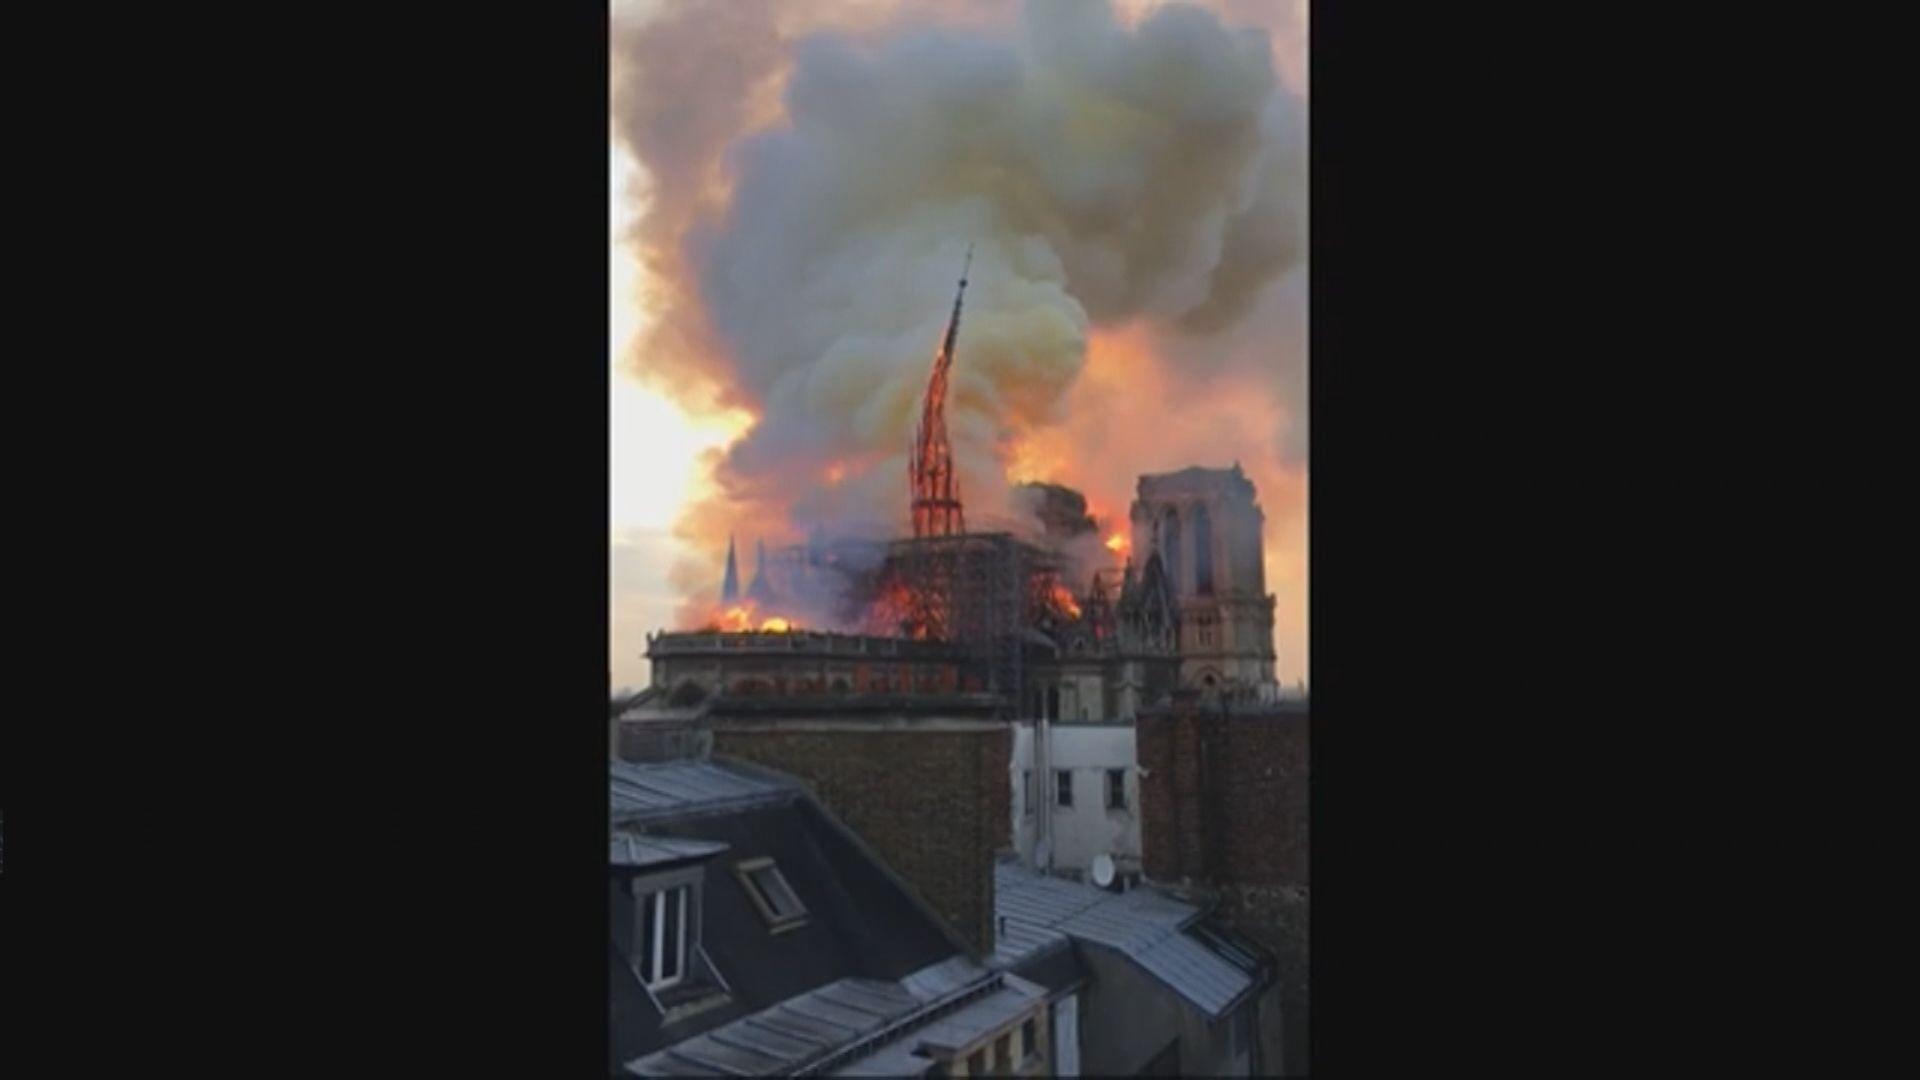 巴黎聖母院大火 教堂尖塔倒塌